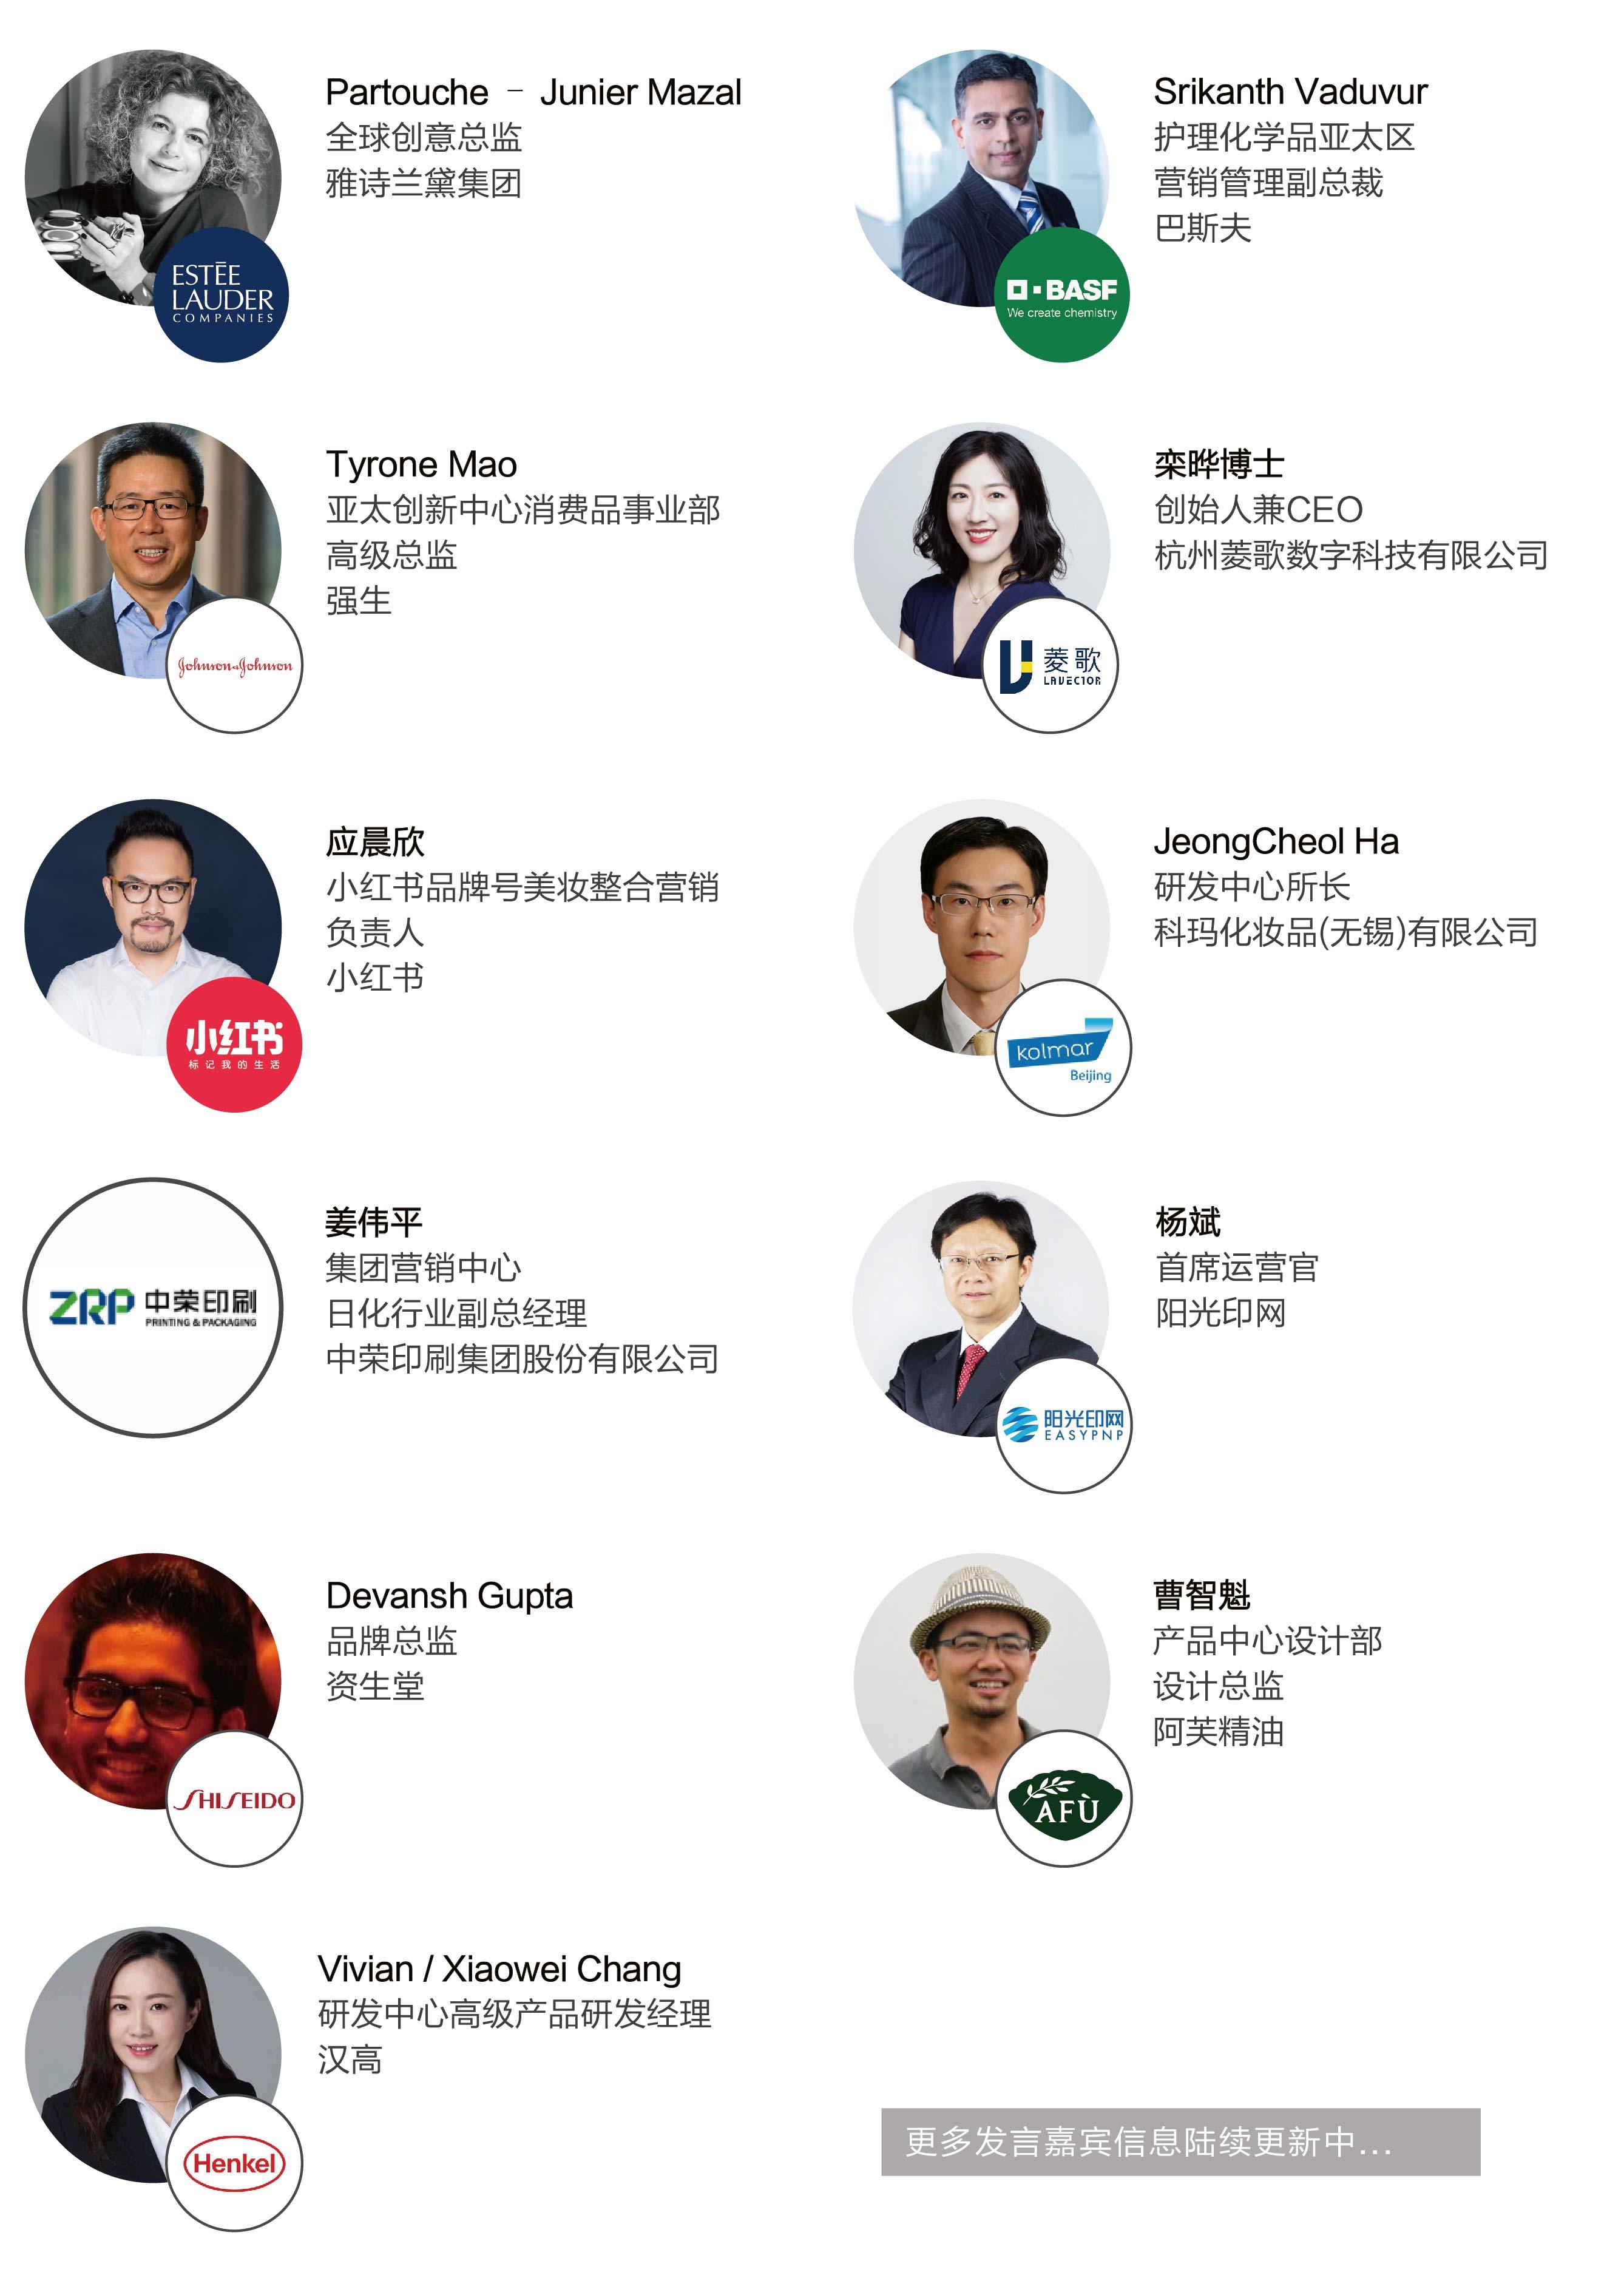 2019亚洲化妆品创新峰会暨国货百年化妆品陈列展(上海)